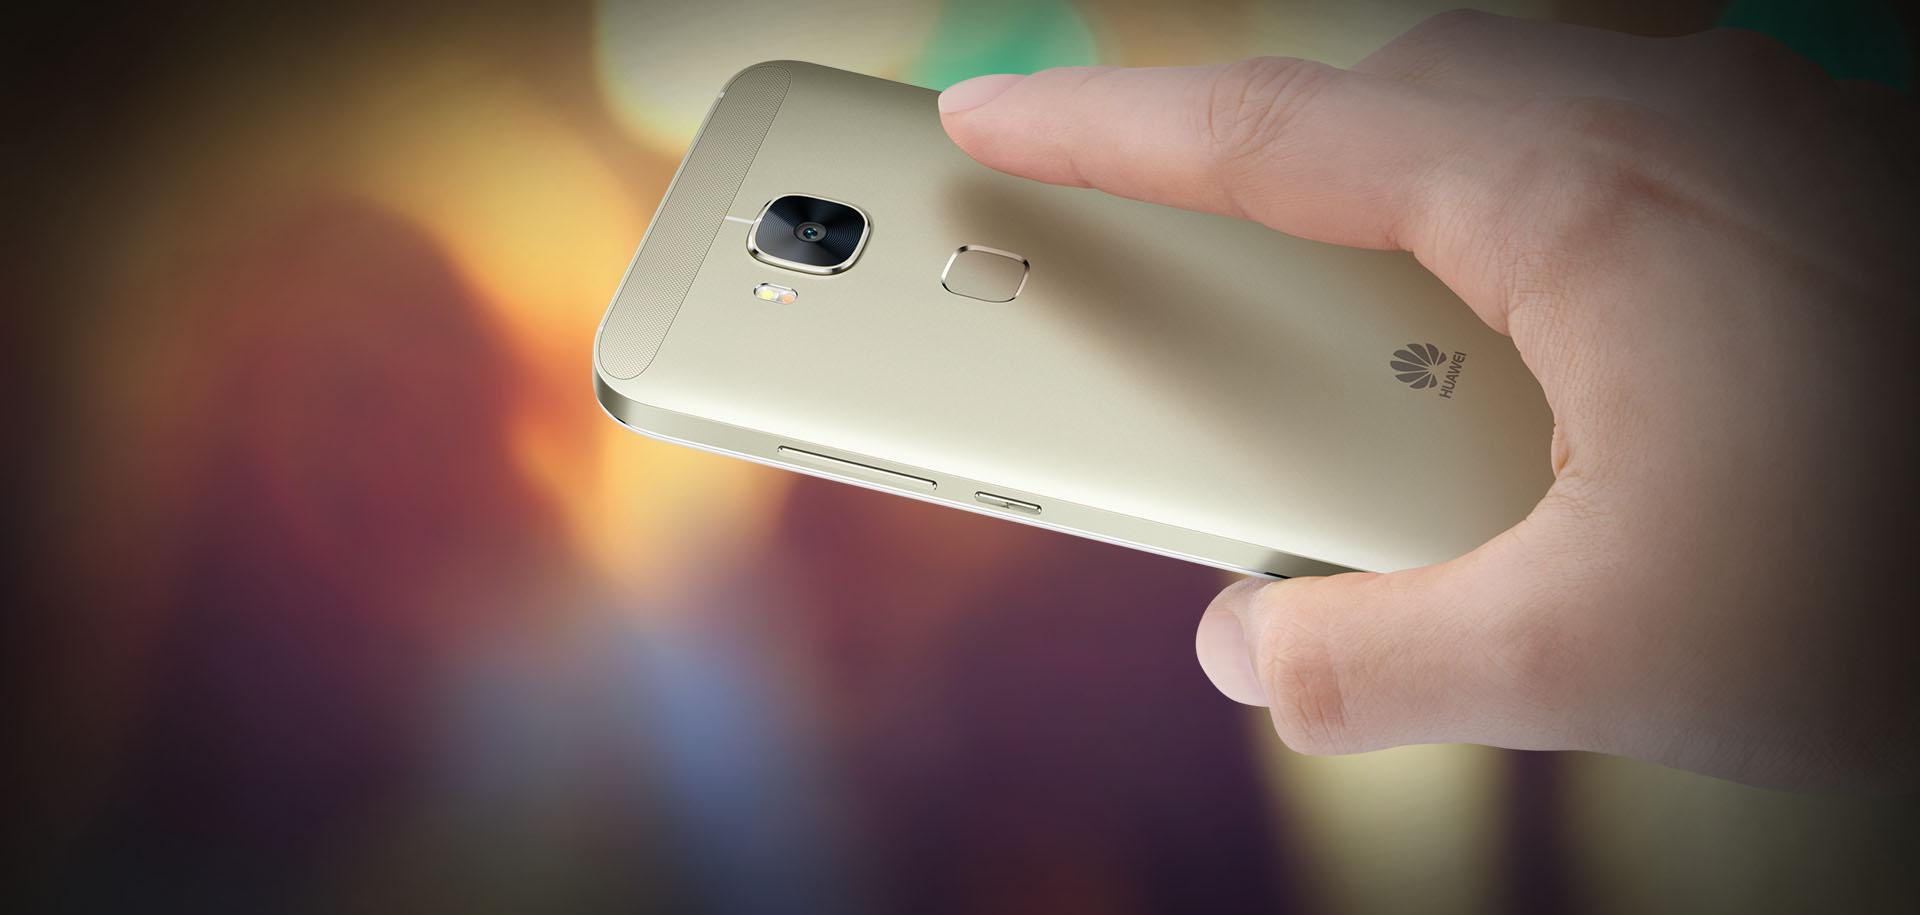 2x rychlejší čtečku otisků prstů nabízí Huawei G8, mobilní telefon, který vás nadchne.